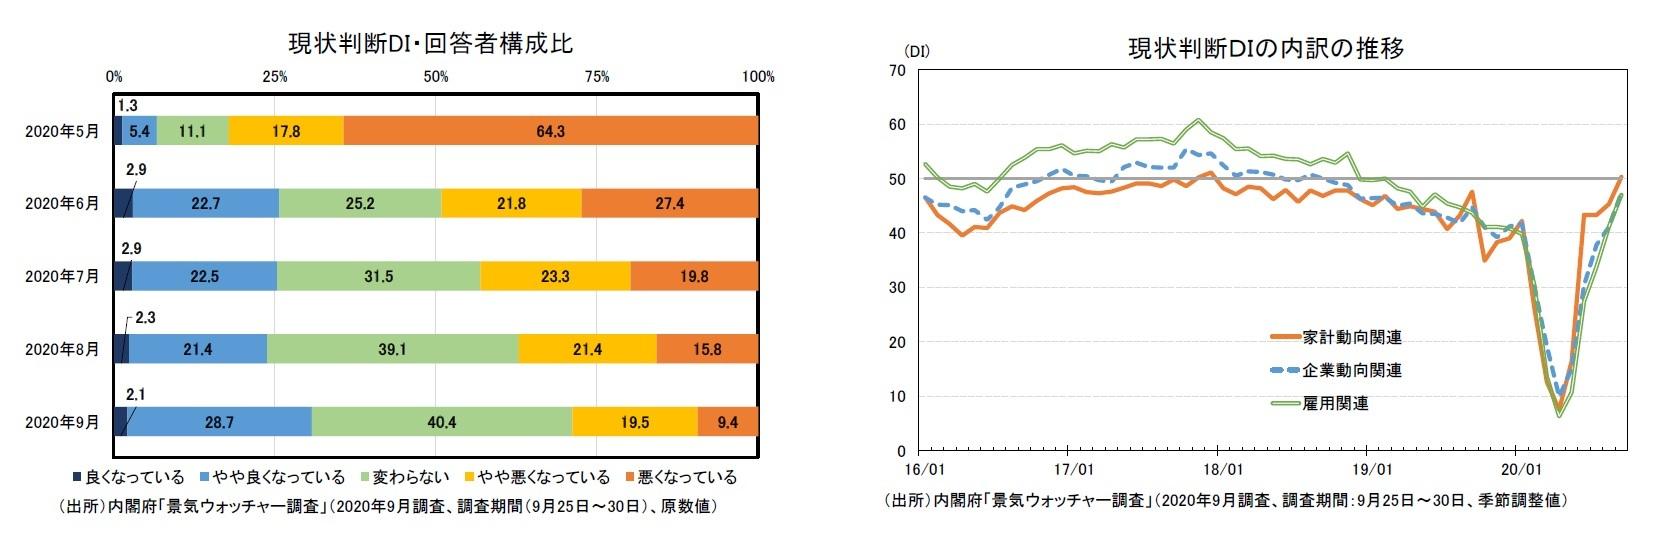 現状判断DI・回答者構成比/現状判断DIの内訳の推移